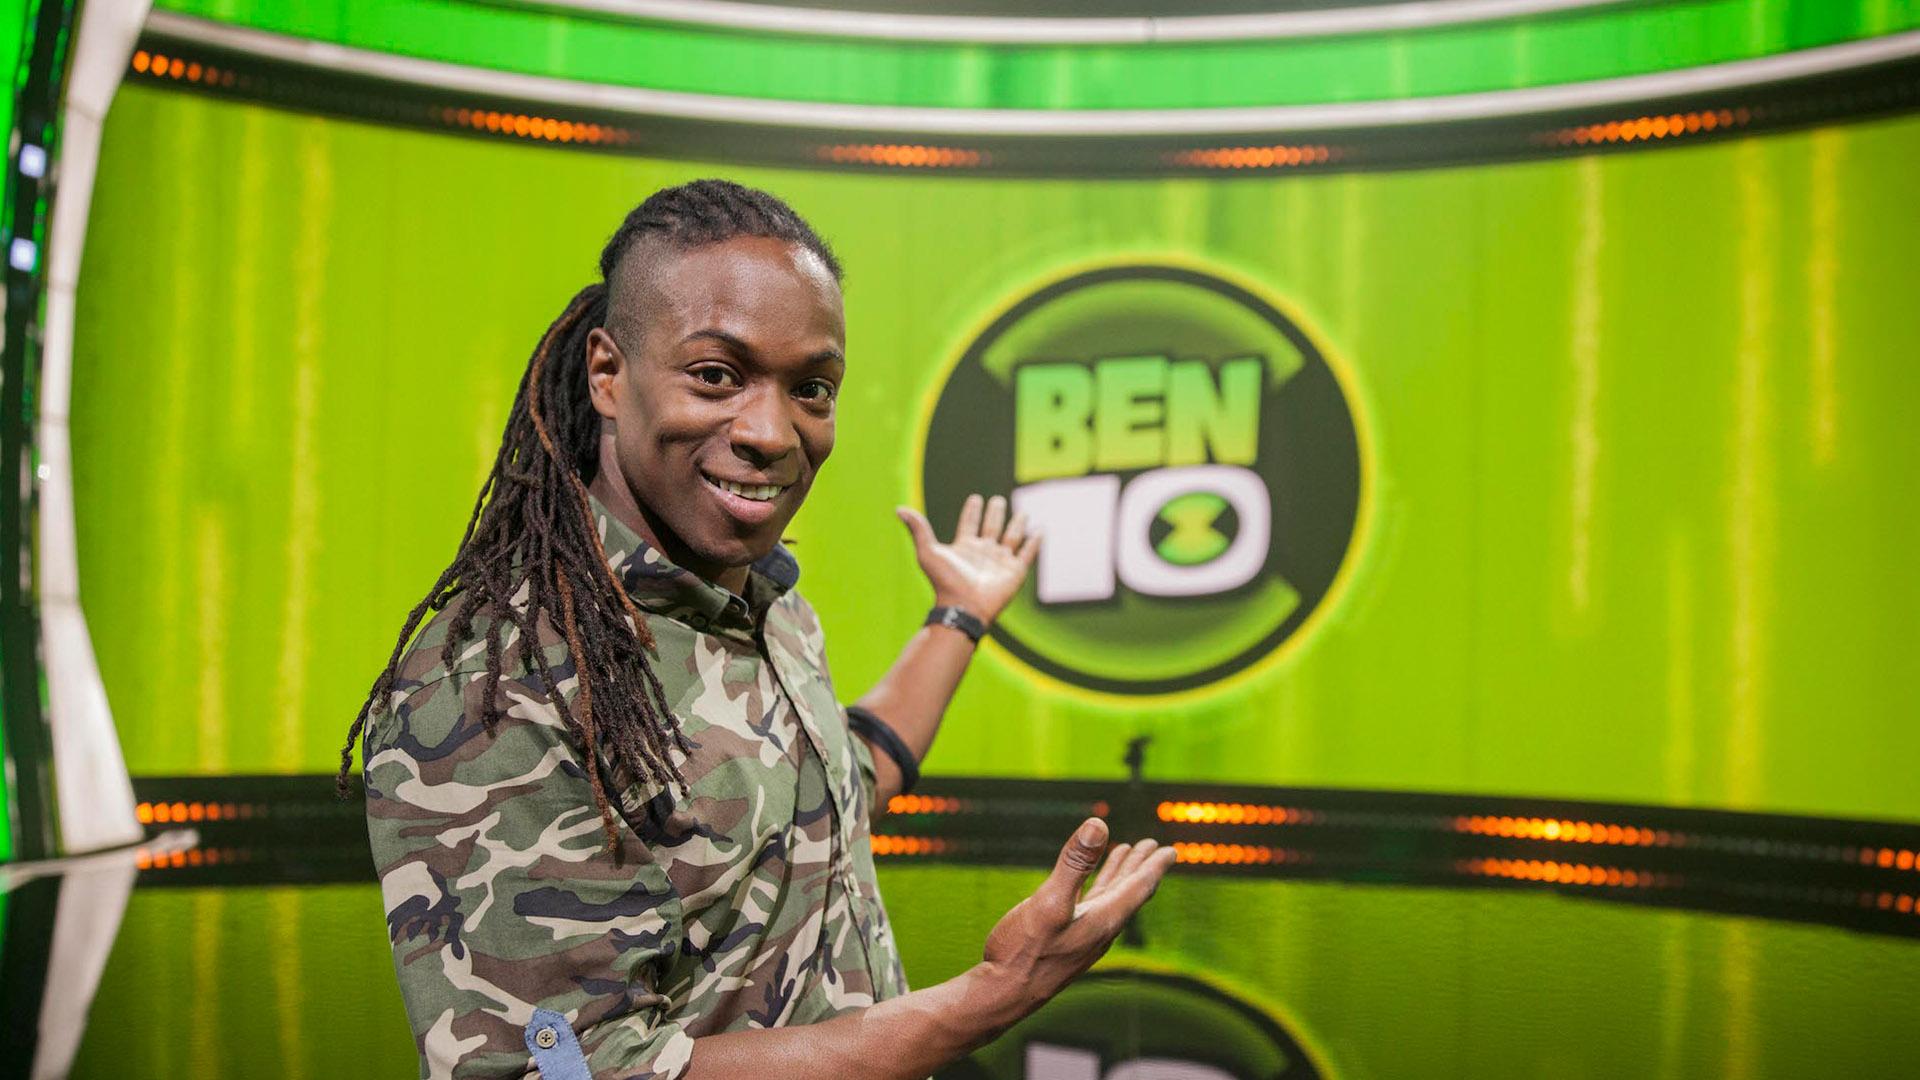 Host of Ben 10 Challenge UK - Nigel Clarke British TV Presenter